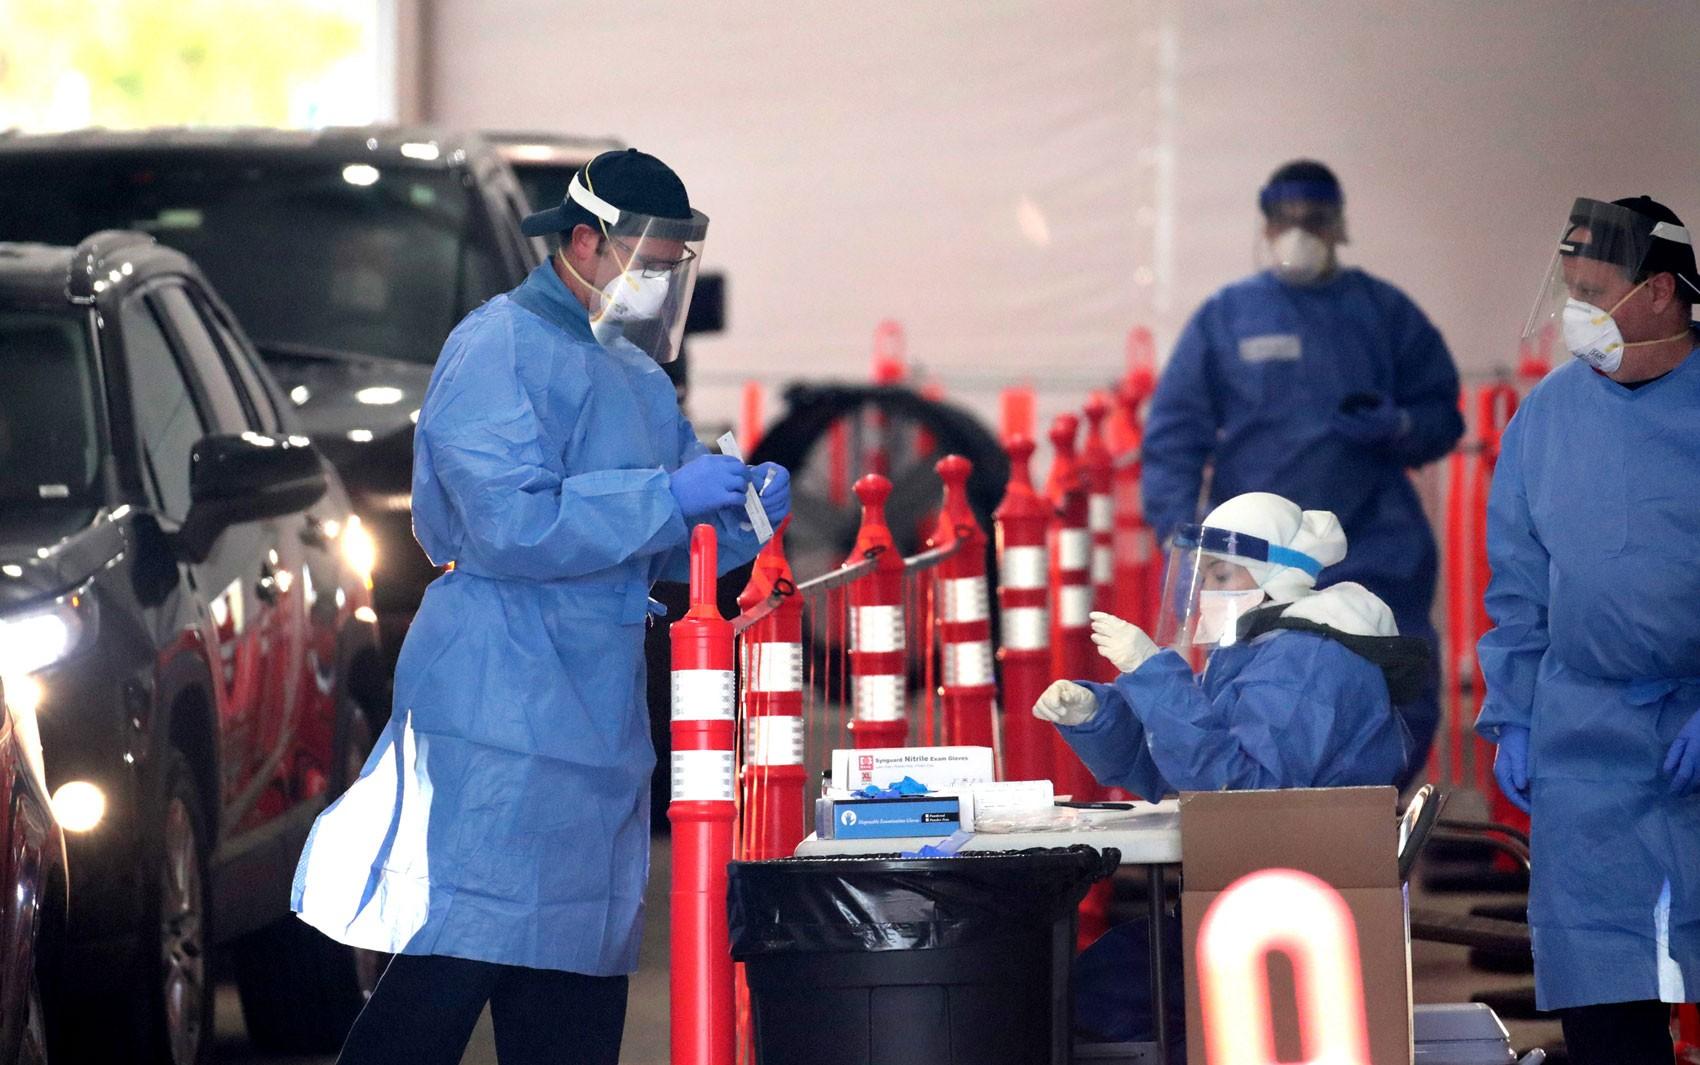 EUA registram 91 mil casos de coronavírus em 24 horas, maior número diário desde início da pandemia